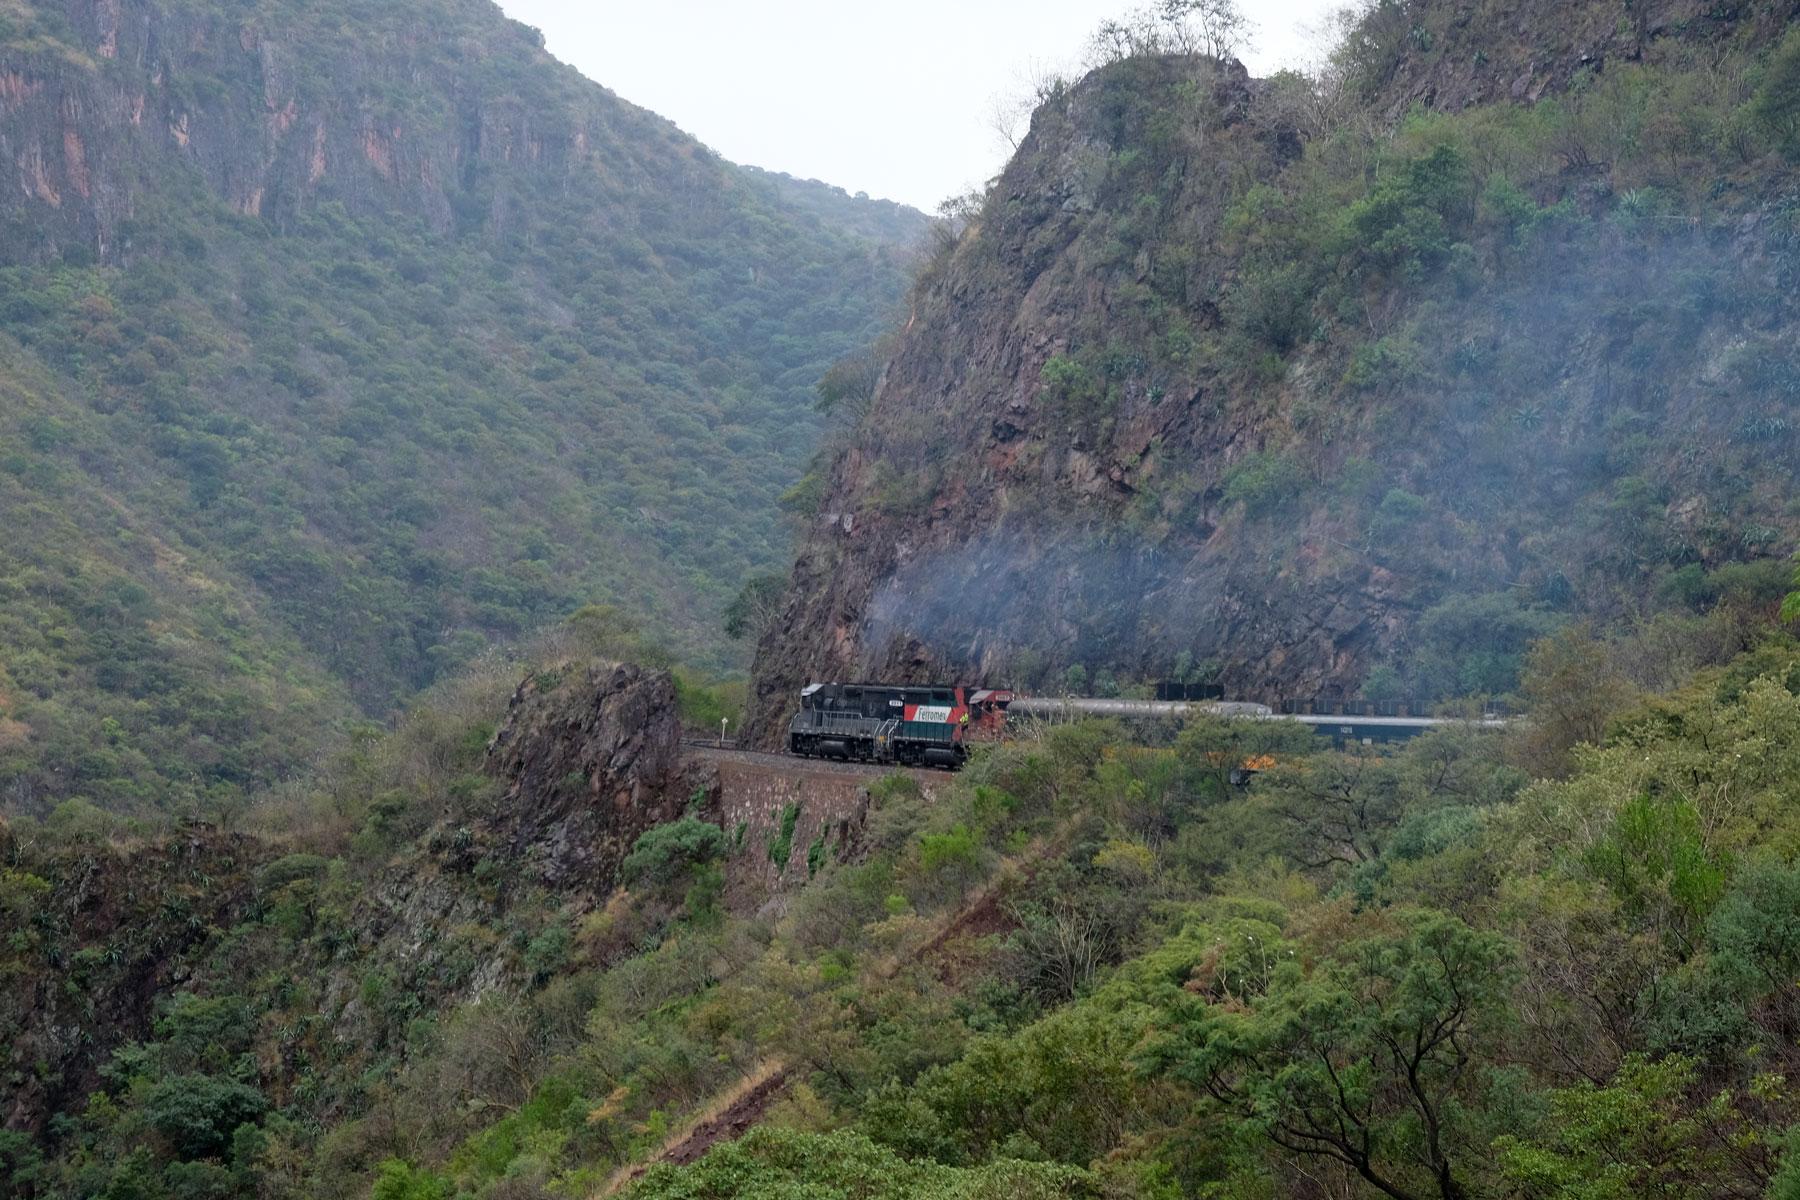 Der Zug Chepe fährt durch die Berge Nordmexikos.